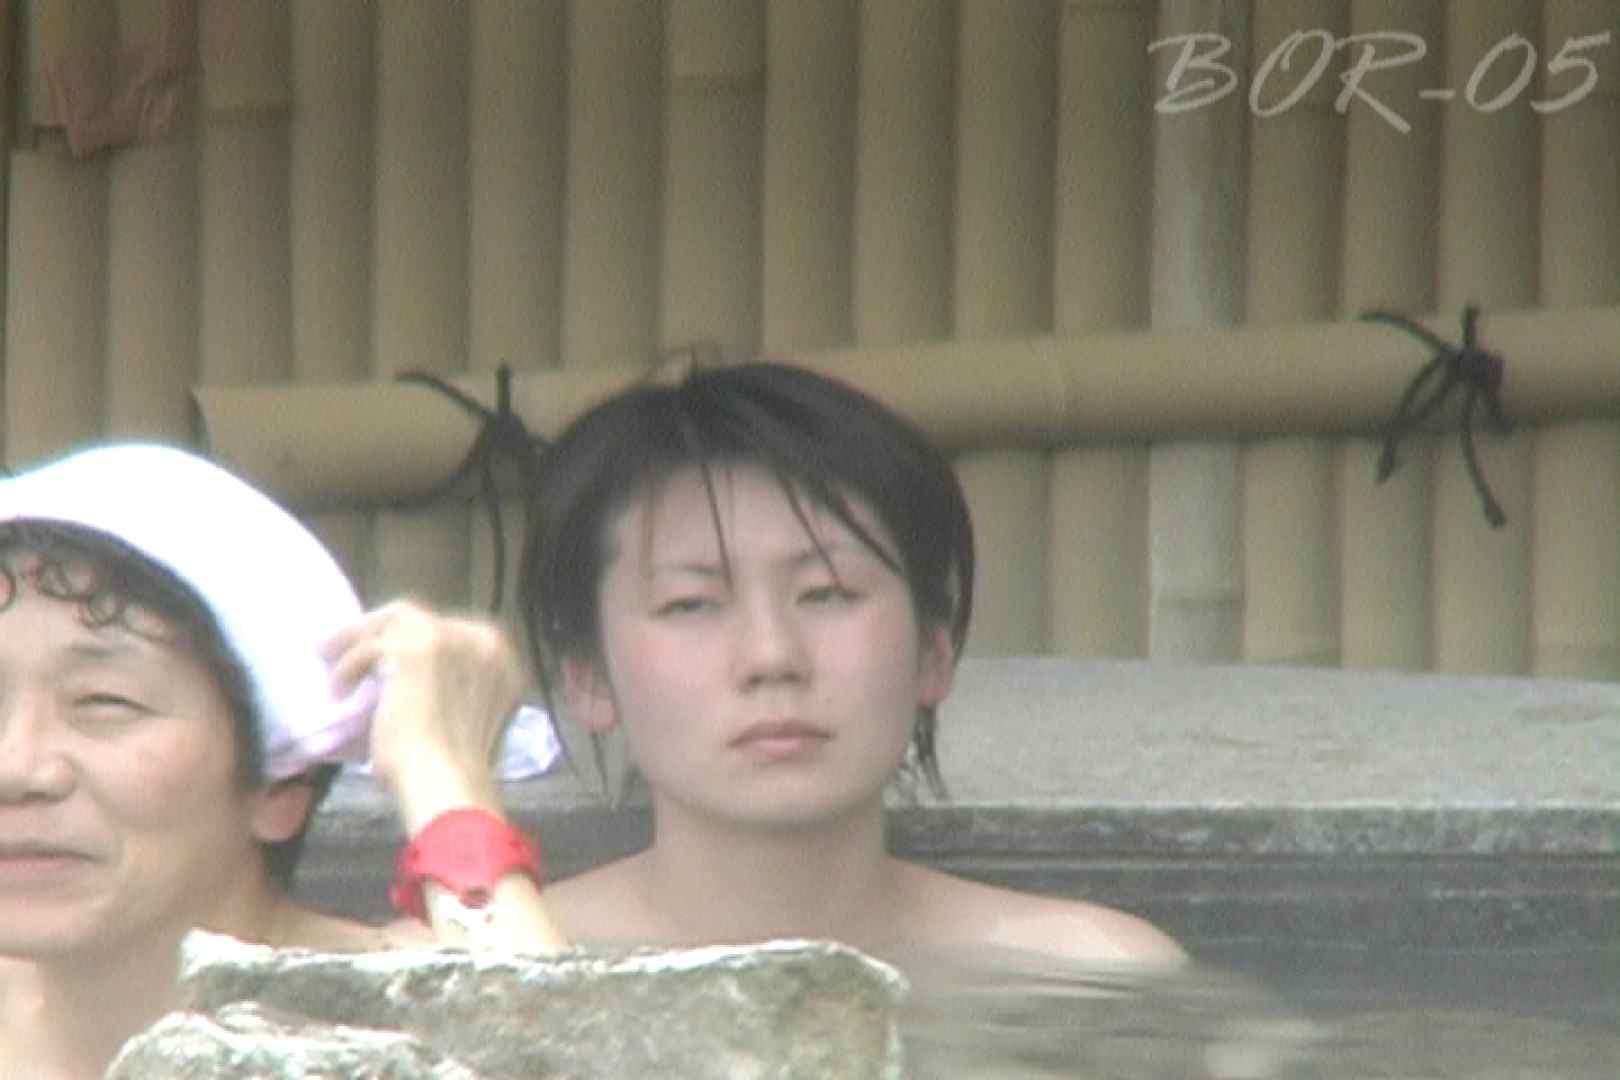 Aquaな露天風呂Vol.493 OLエロ画像   露天  67PICs 46